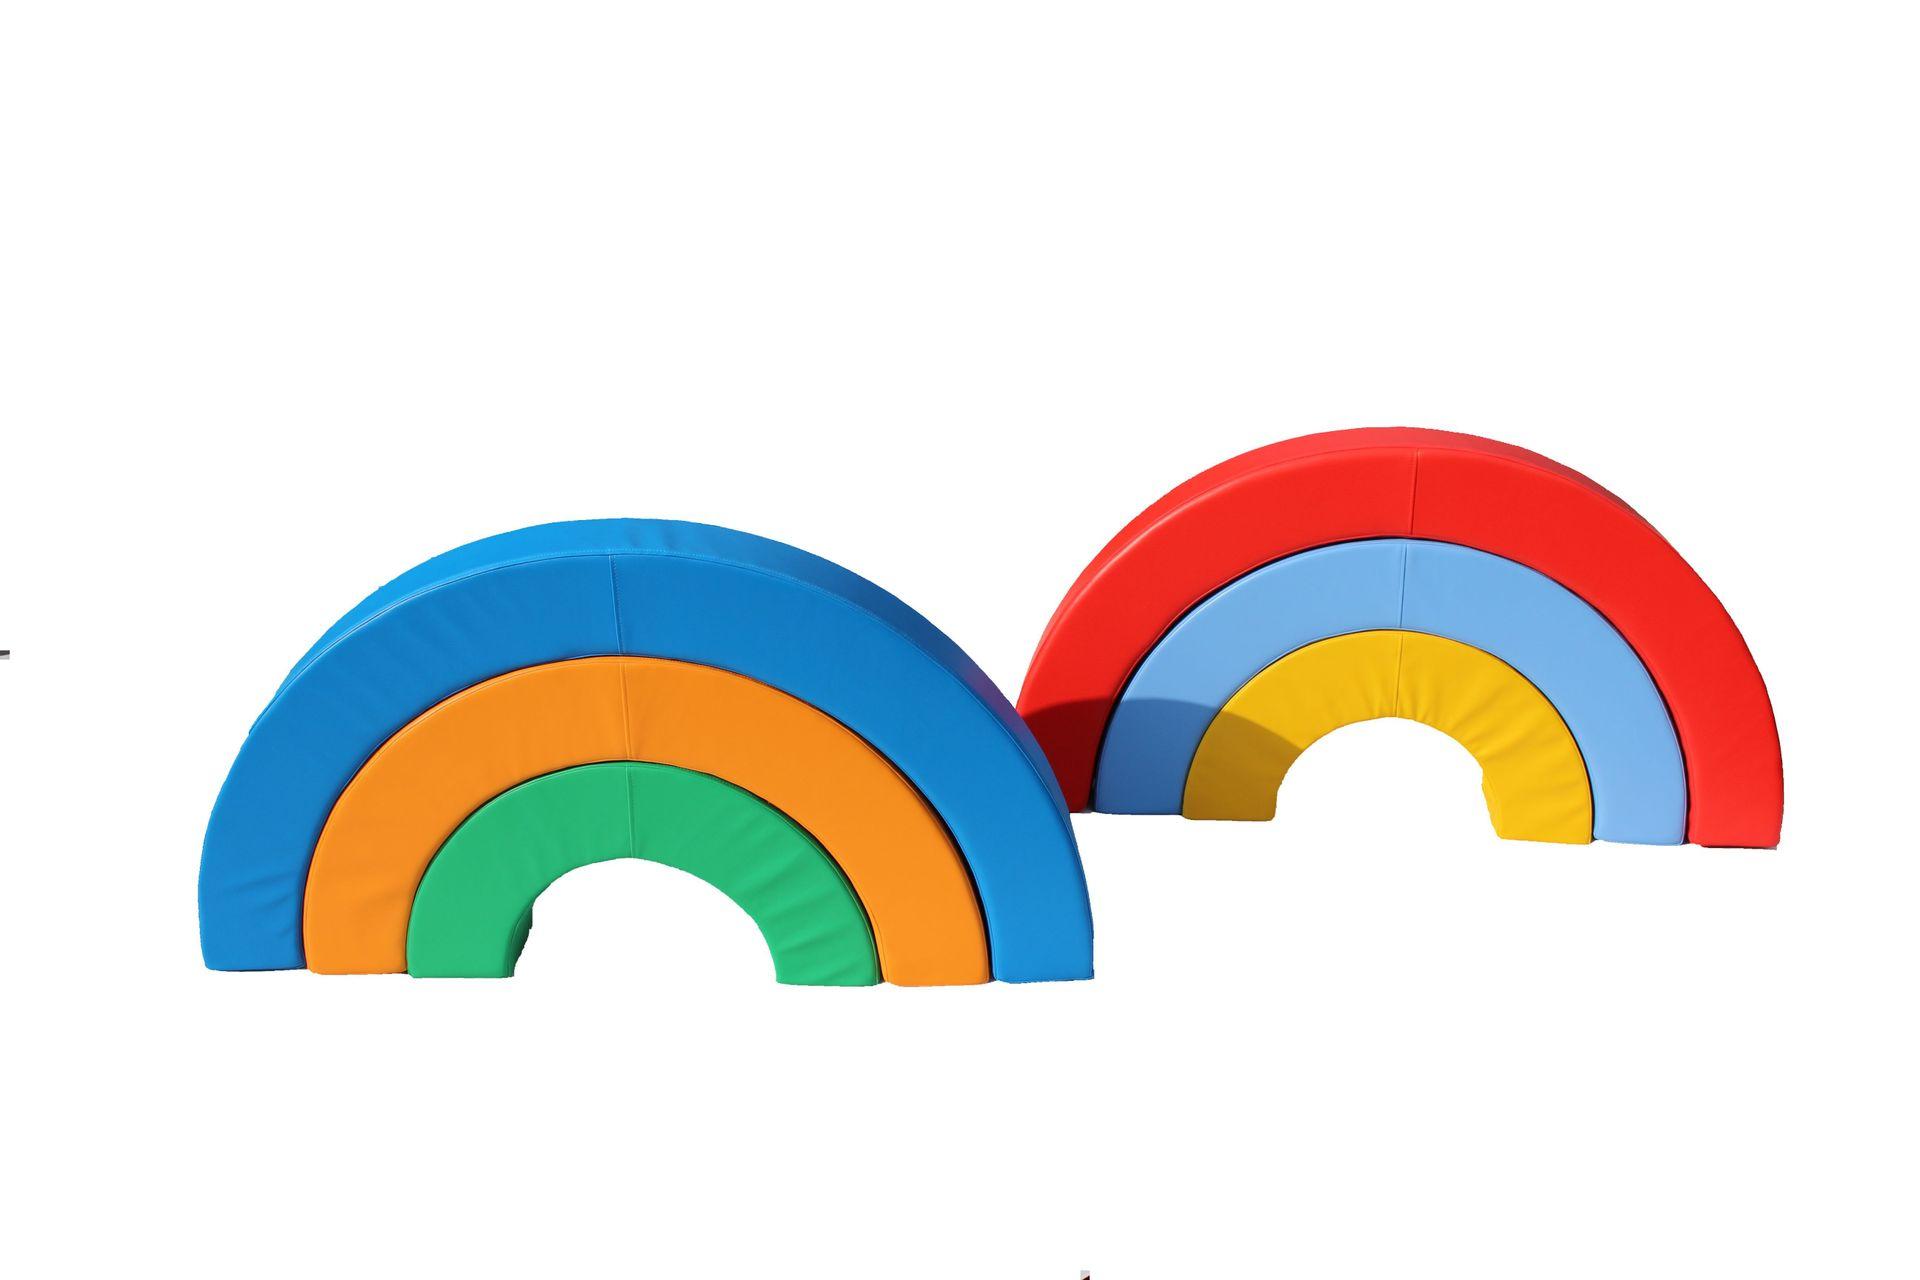 Bausatz Regenbogen 6-teilig